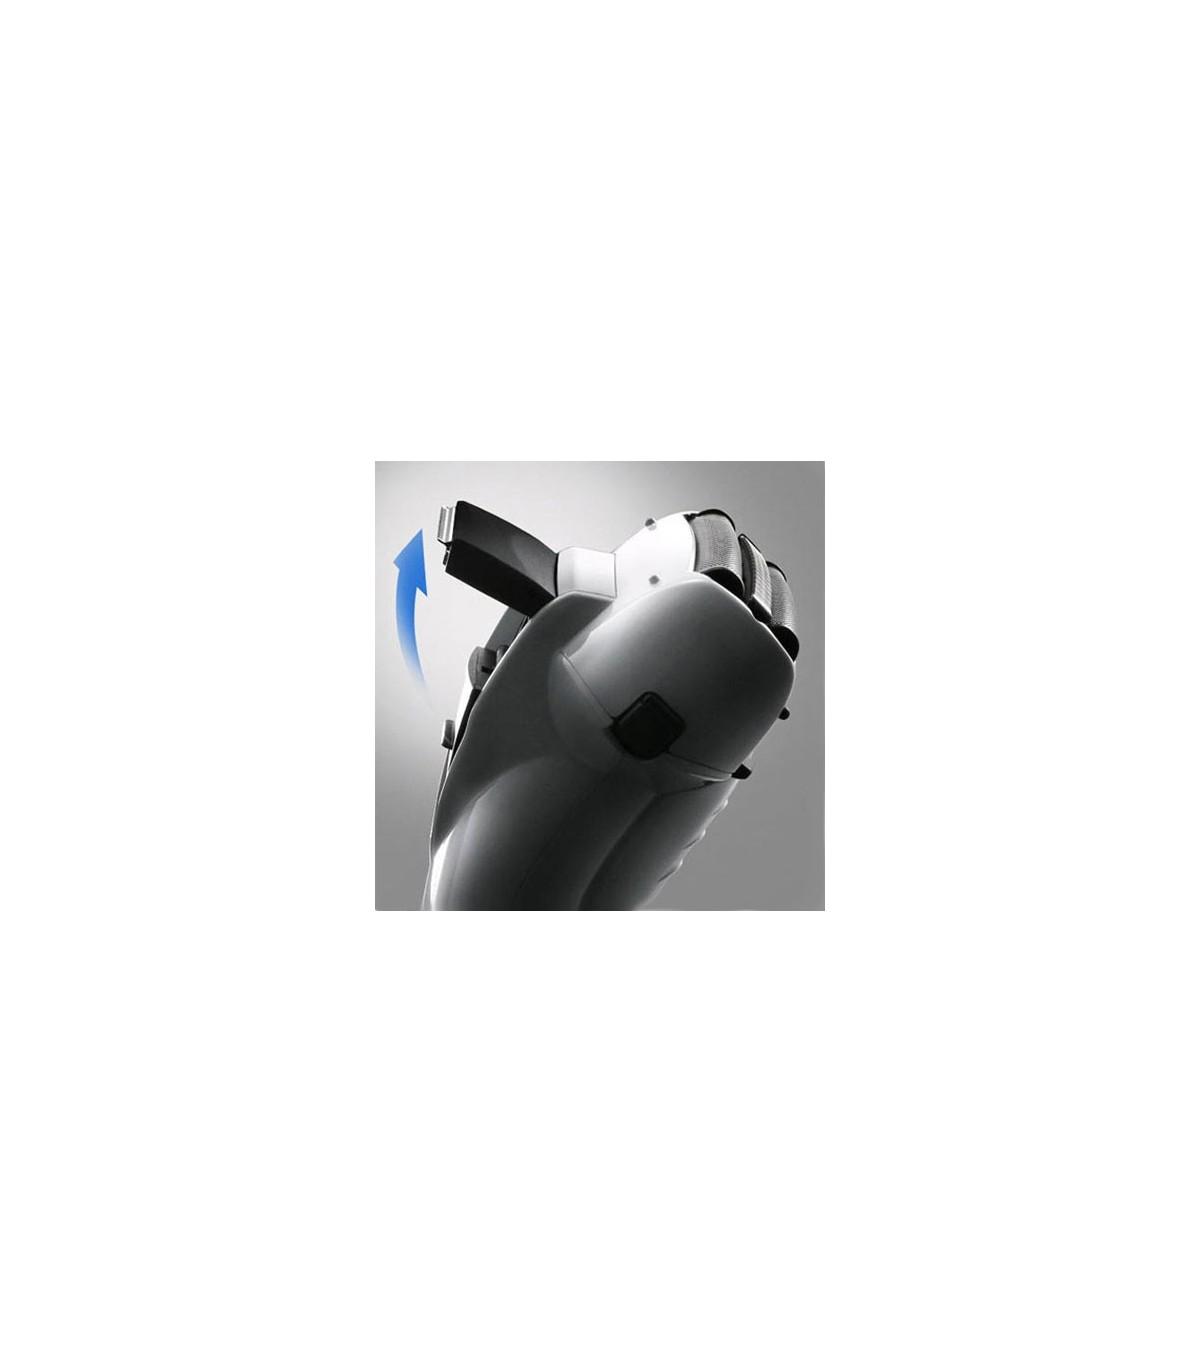 ماشین اصلاح صورت پاناسونیک ES-SL41